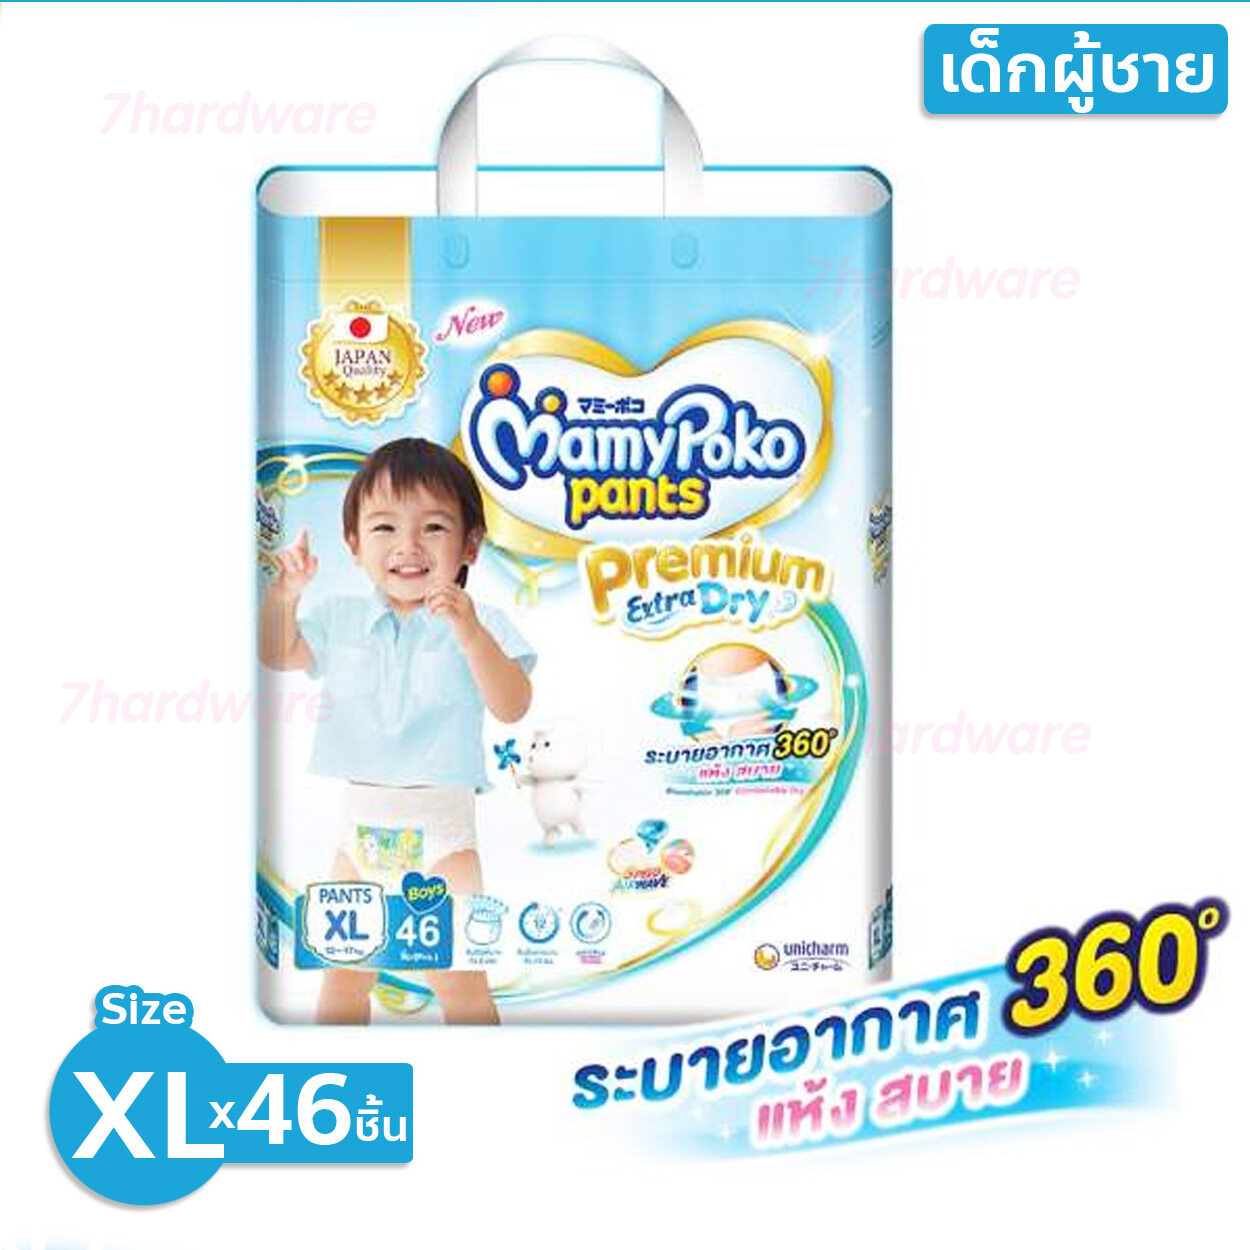 ราคา mamypoko เอ็กตร้า ดรายสกิน ซึมซับดีเยี่ยมแห้งสบาย ไซส์ XL เด็กชาย. 46ชิ้น (1แพ็คใหญ่)